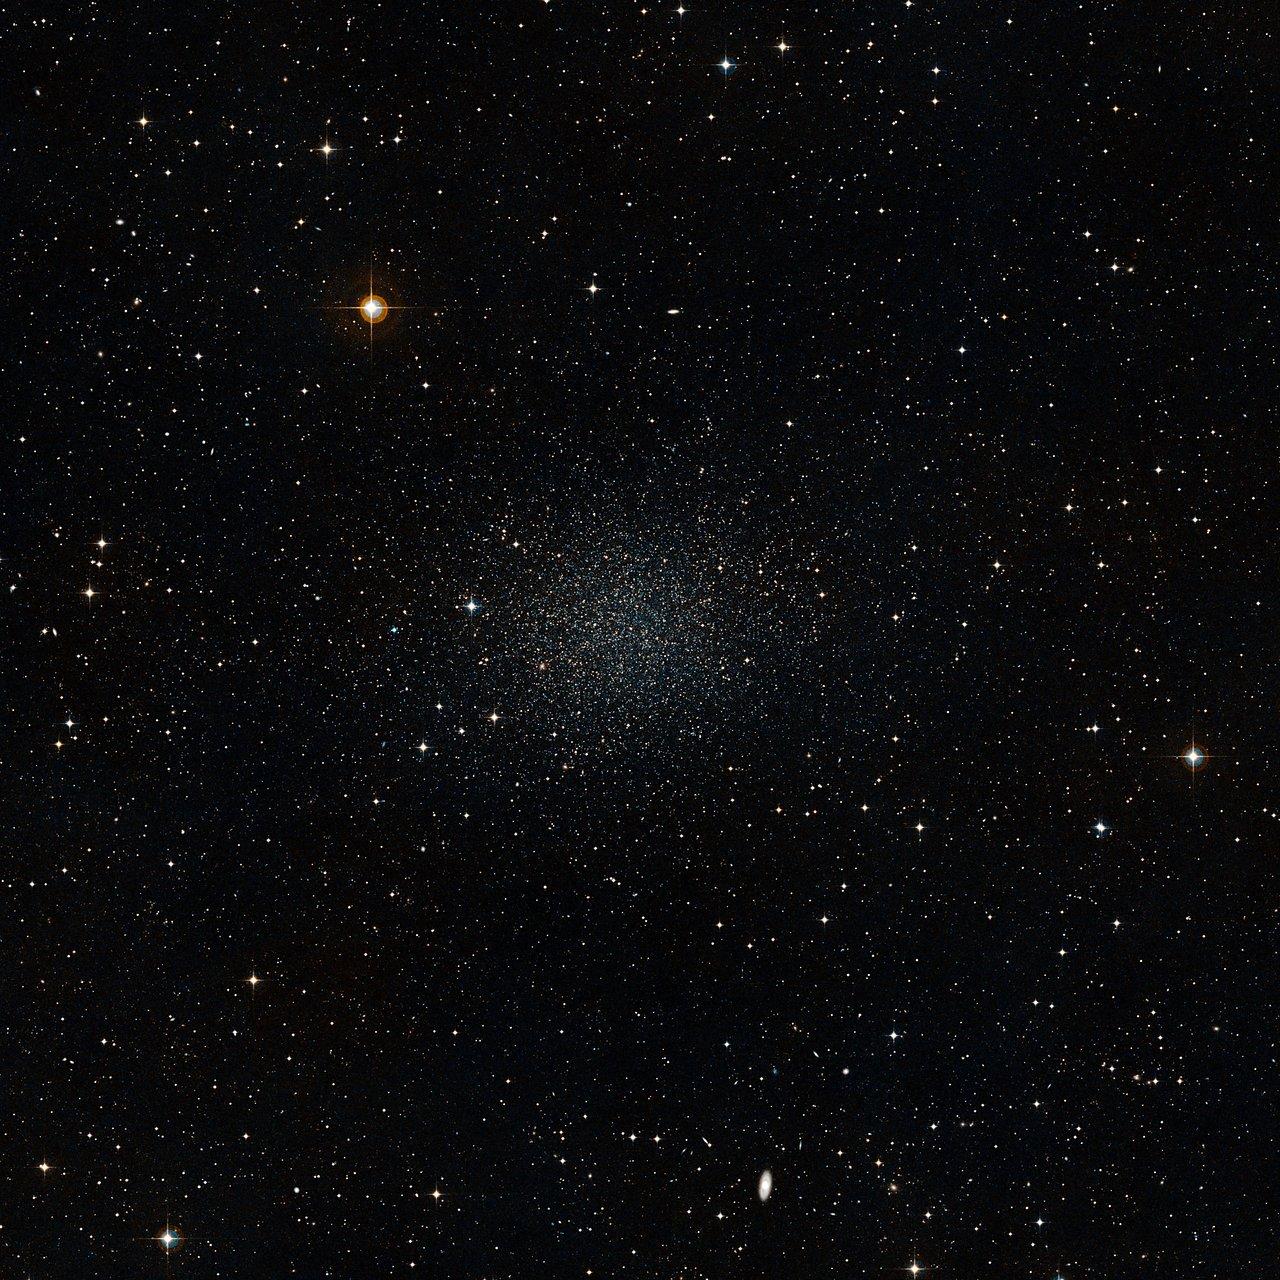 La galassia nana dello Scultore